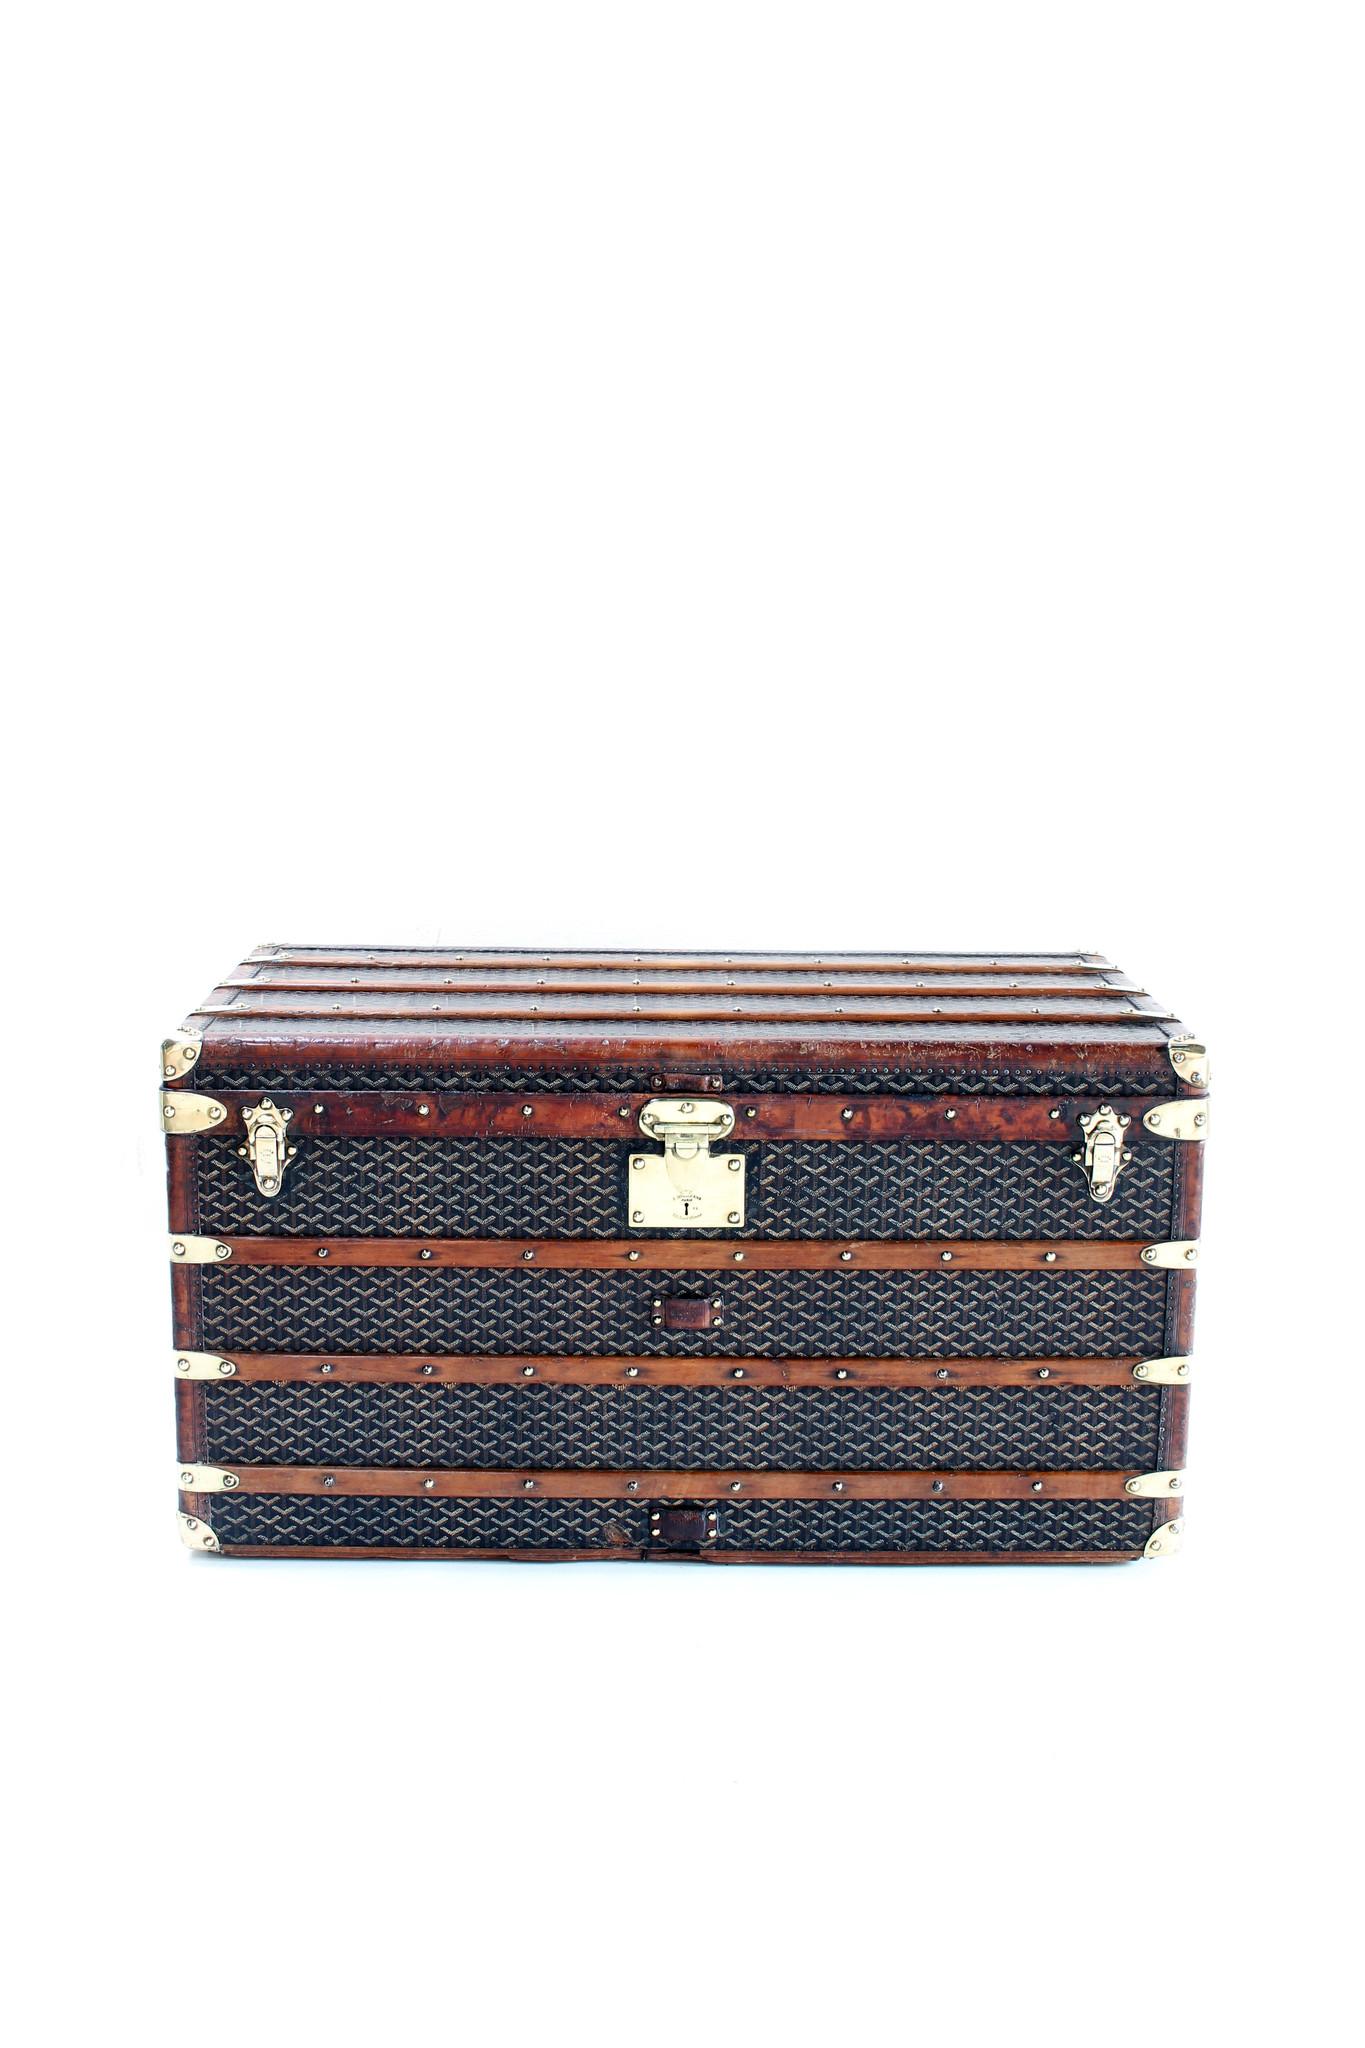 Goyard koffer, 1930